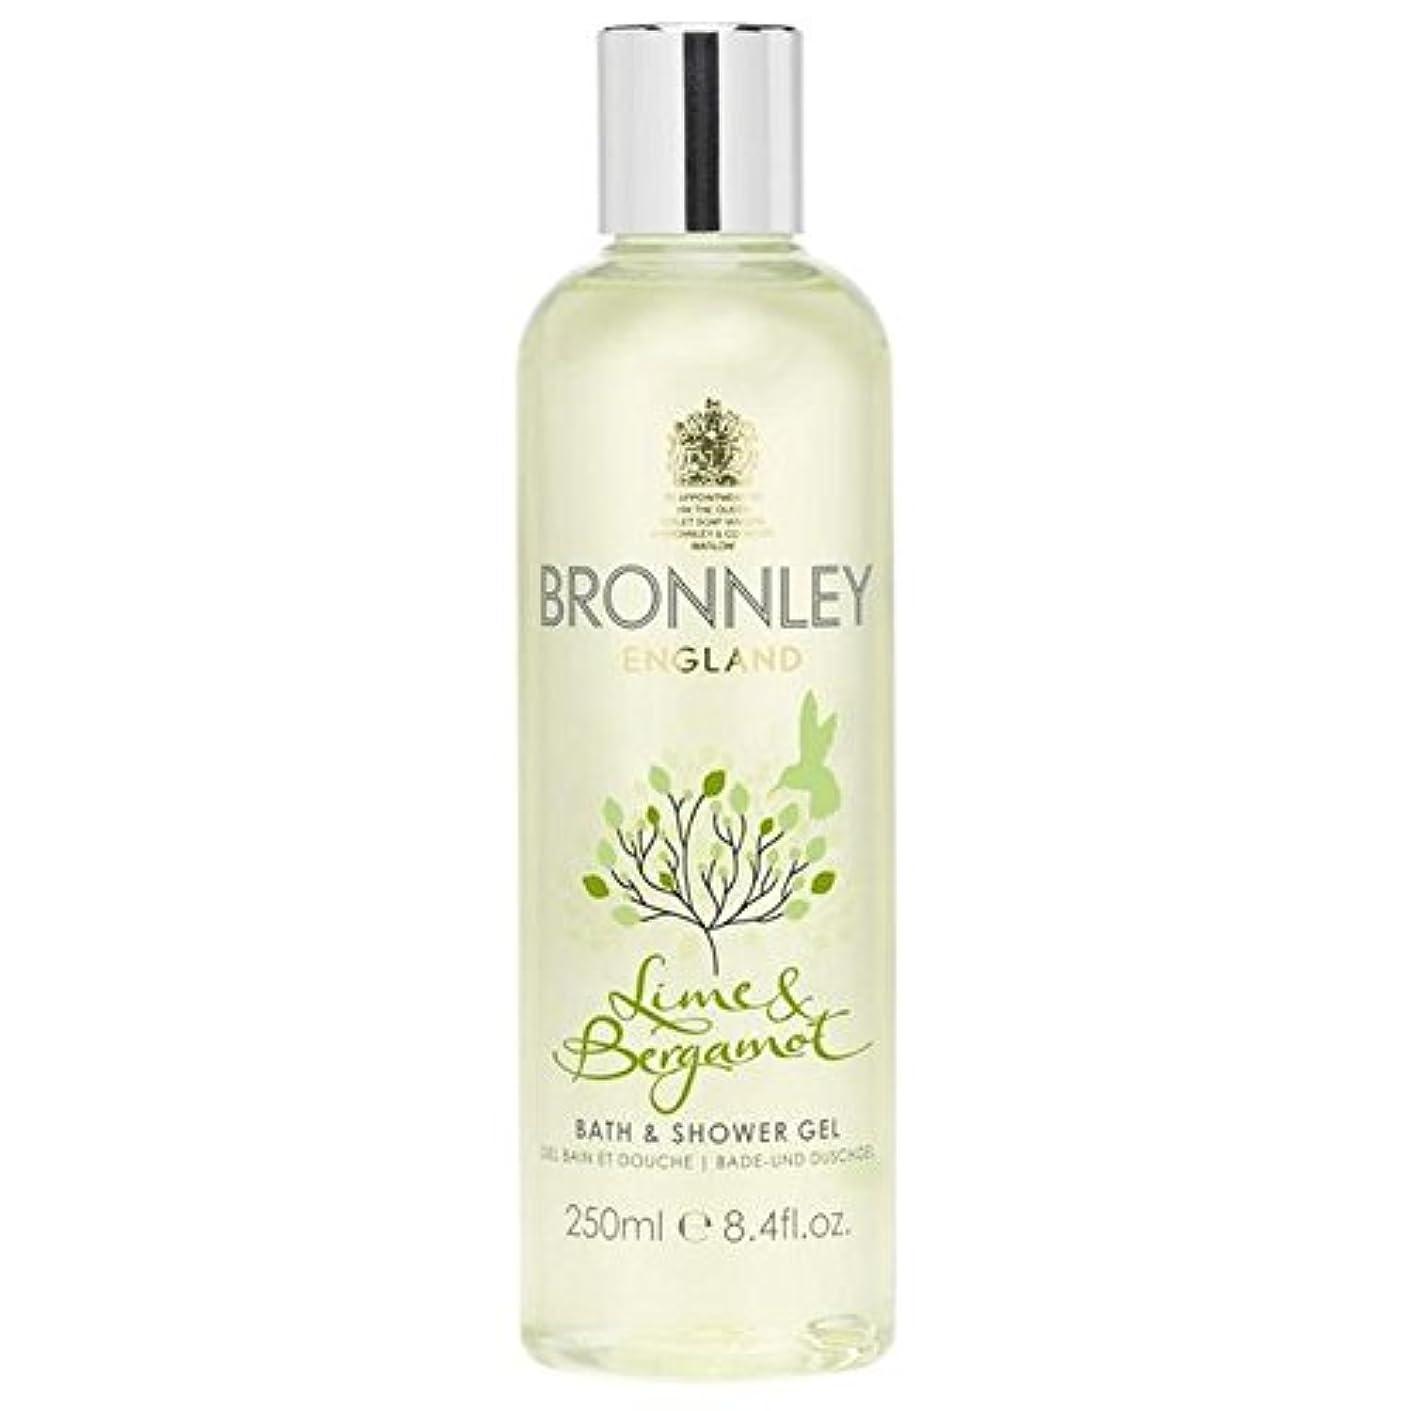 聖職者無意味密Bronnley Lime & Bergamot Bath & Shower Gel 250ml (Pack of 6) - ライム&ベルガモットバス&シャワージェル250ミリリットル x6 [並行輸入品]